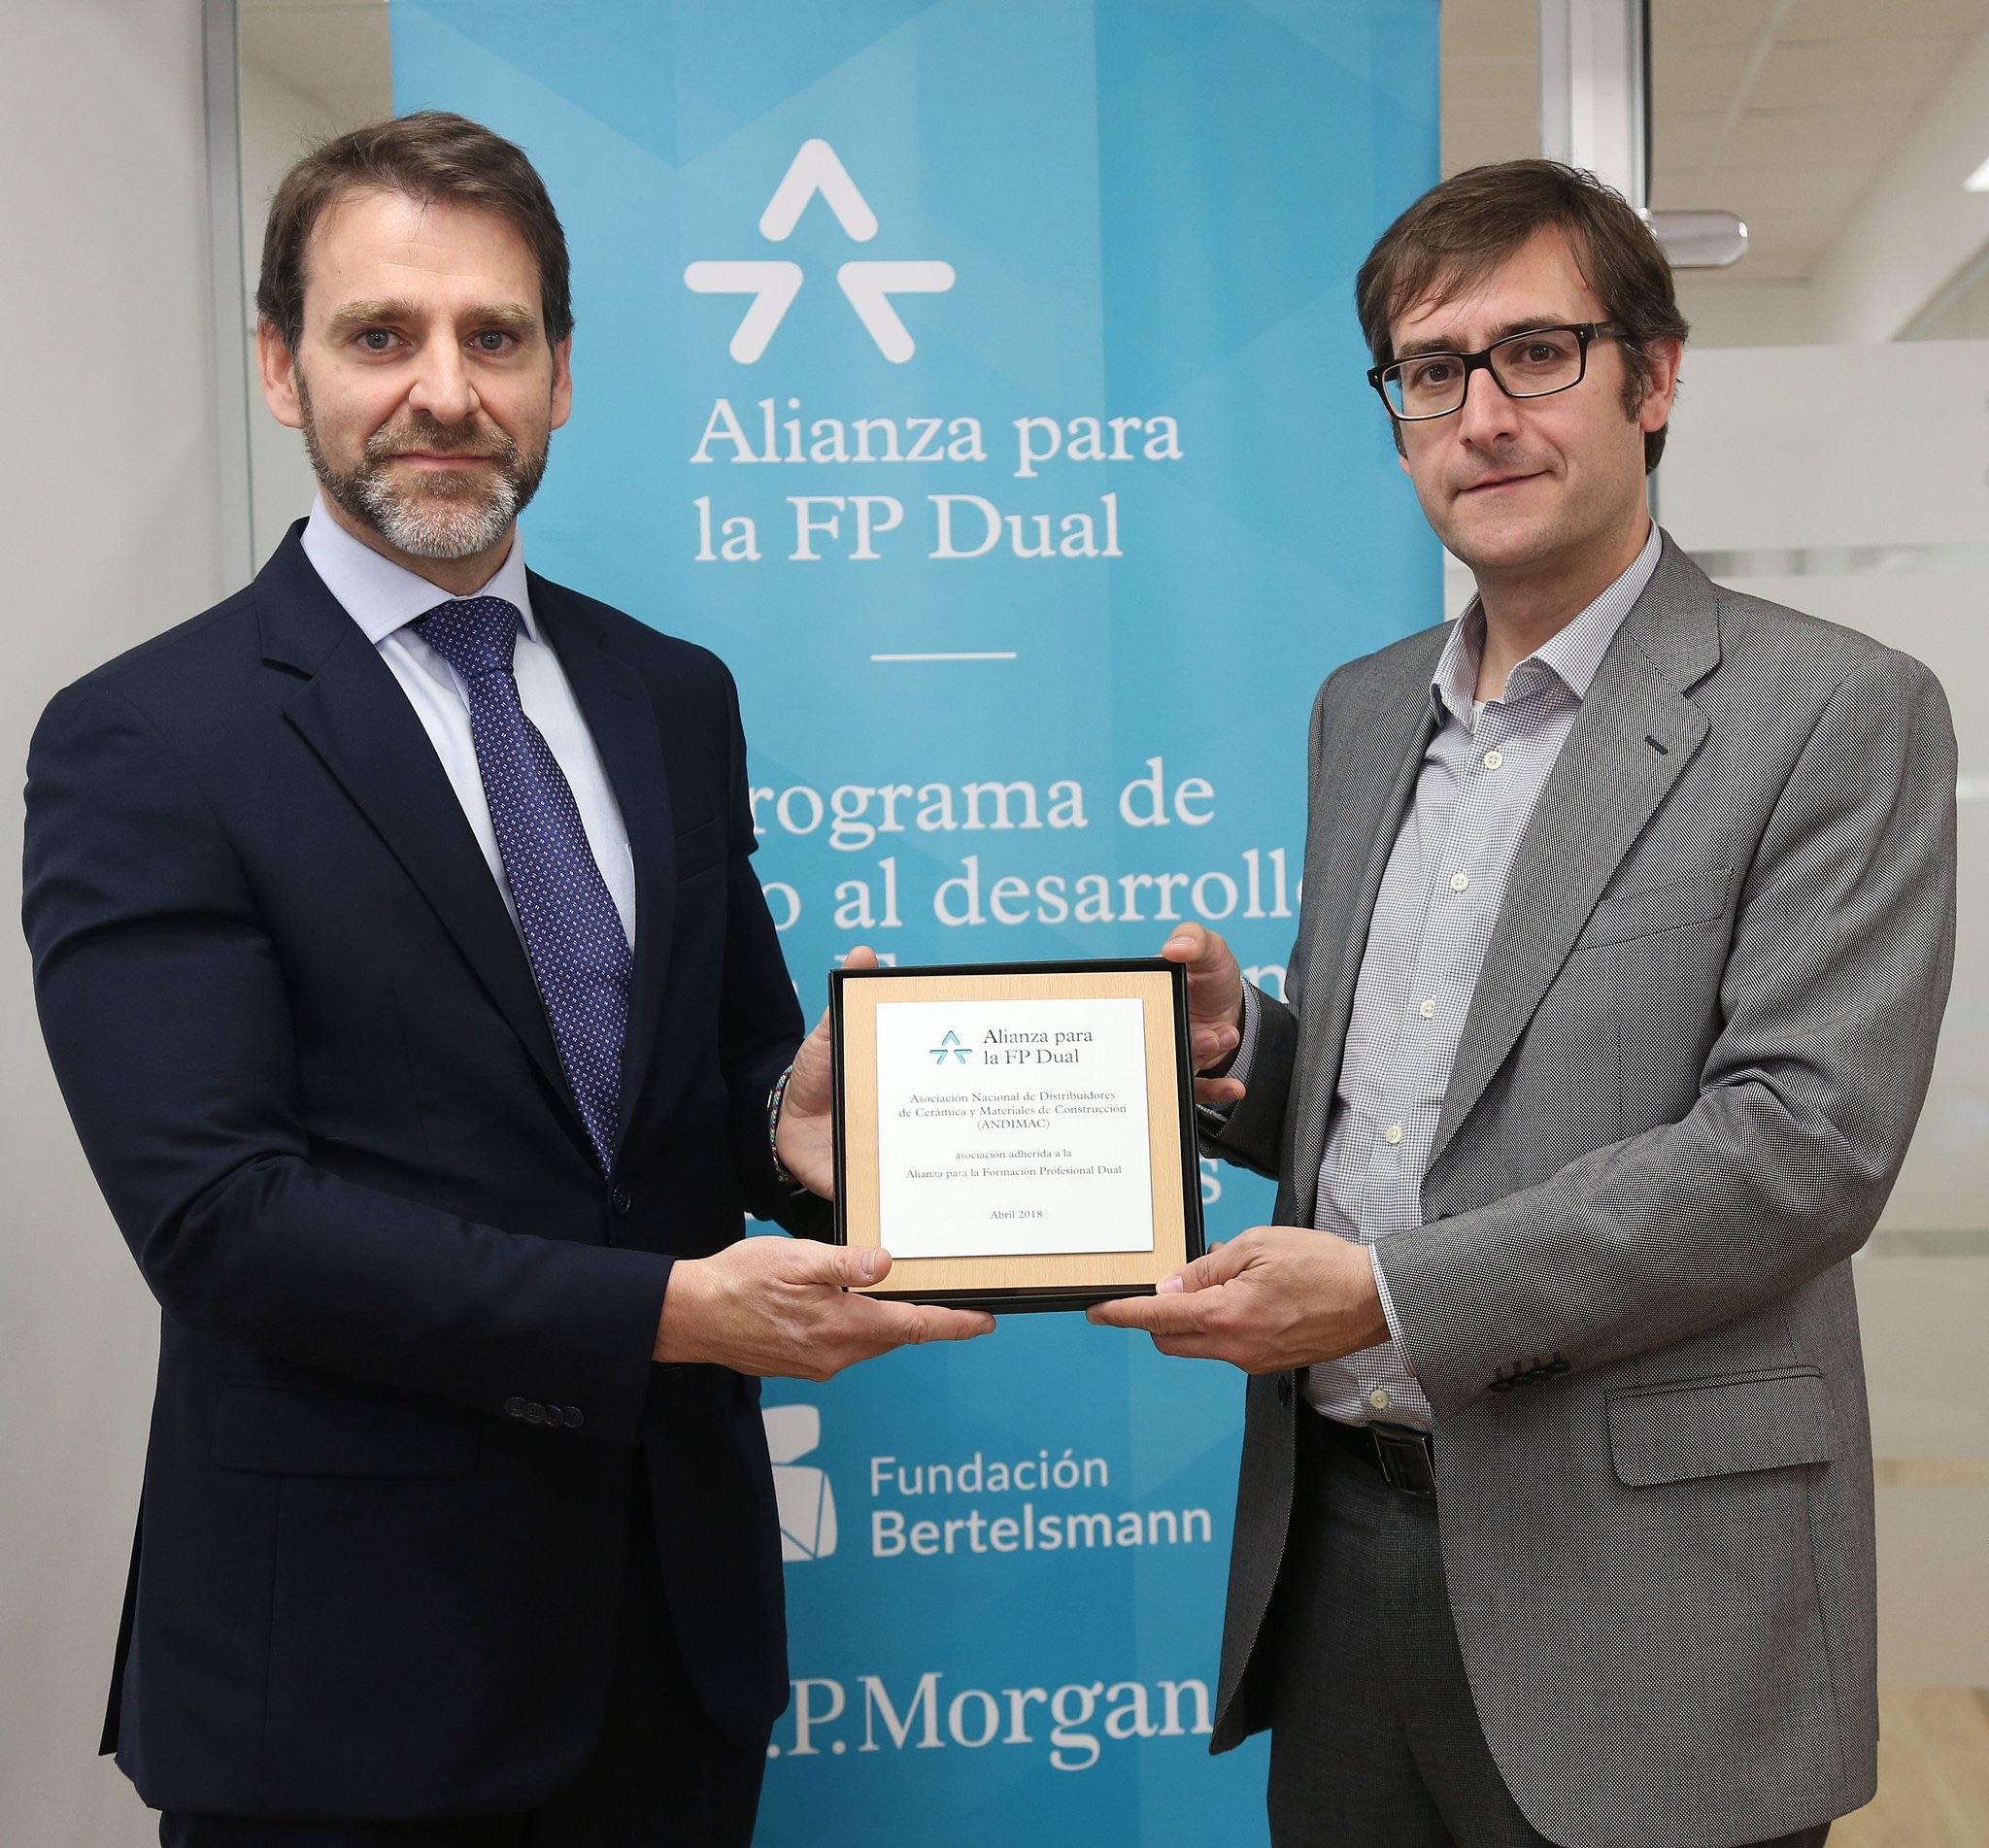 Sebastián Molinero, Secretario General de Andimac, junto a Juan Carlos Tejeda, Director de Formación de la CEOE, han cerrado hoy el acuerdo de adhesión de la Asociación Nacional de Distribuidores de Cerámica de Construcción (Andimac) a la Alianza para la FP Dual.